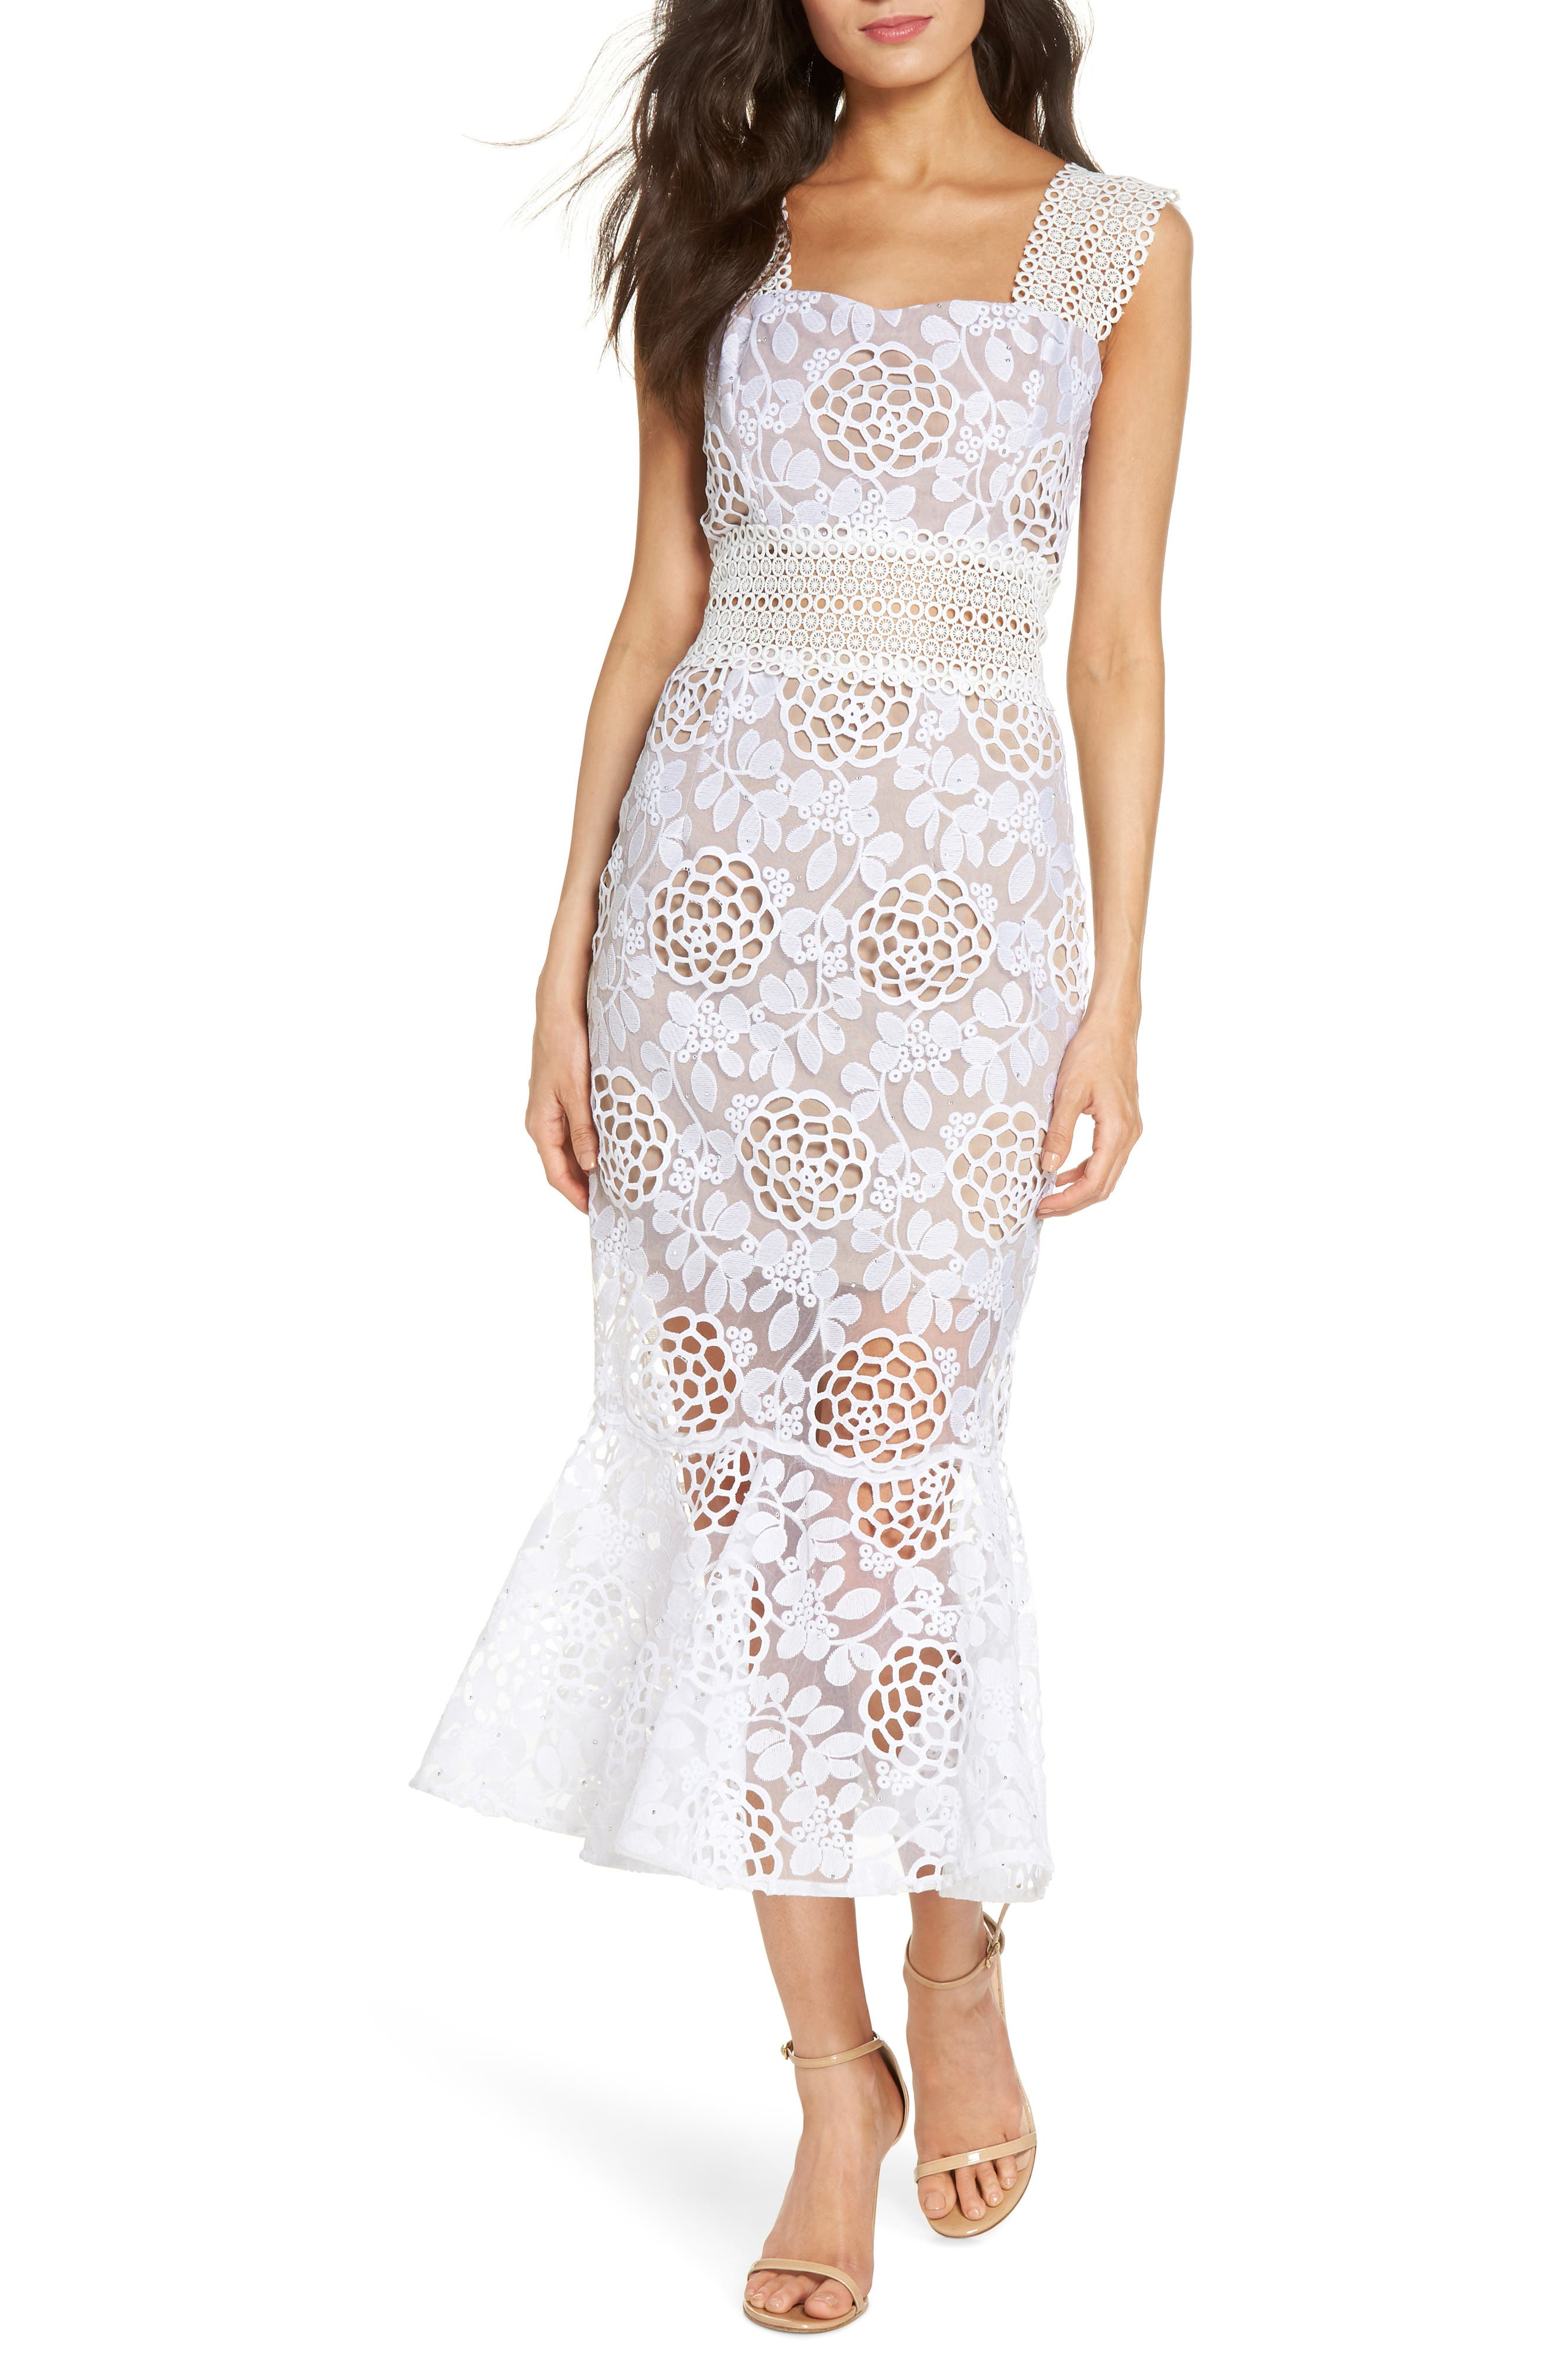 Capri Floral Lace Midi Dress,                             Main thumbnail 1, color,                             White